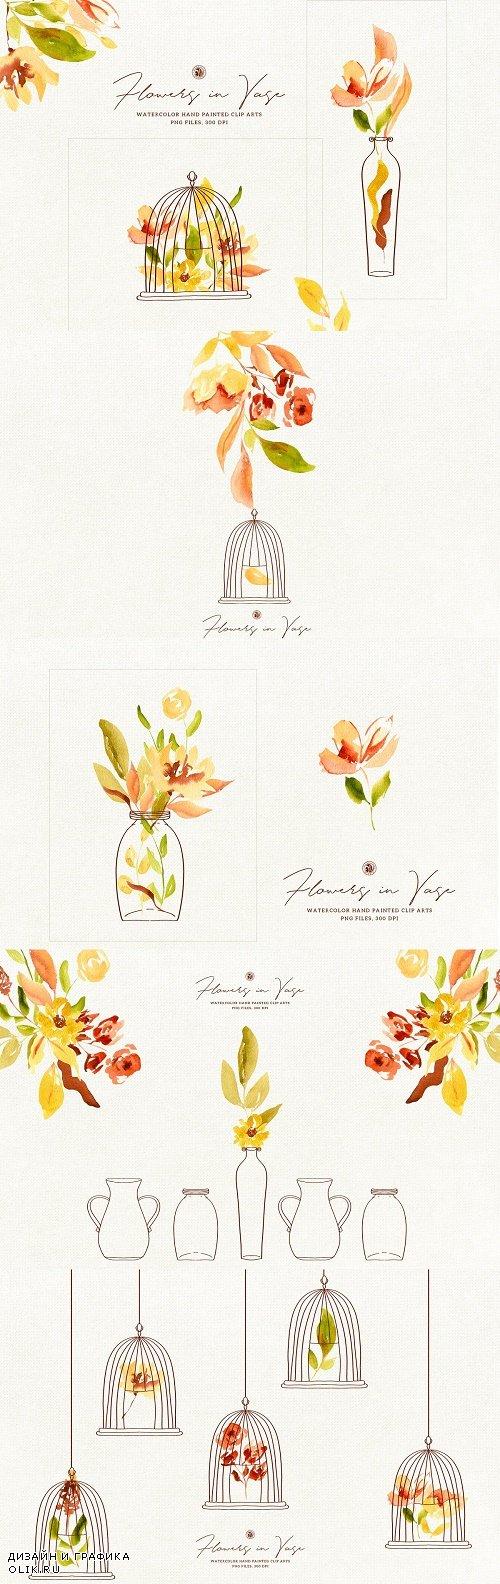 Flowers in Vase - 3916077